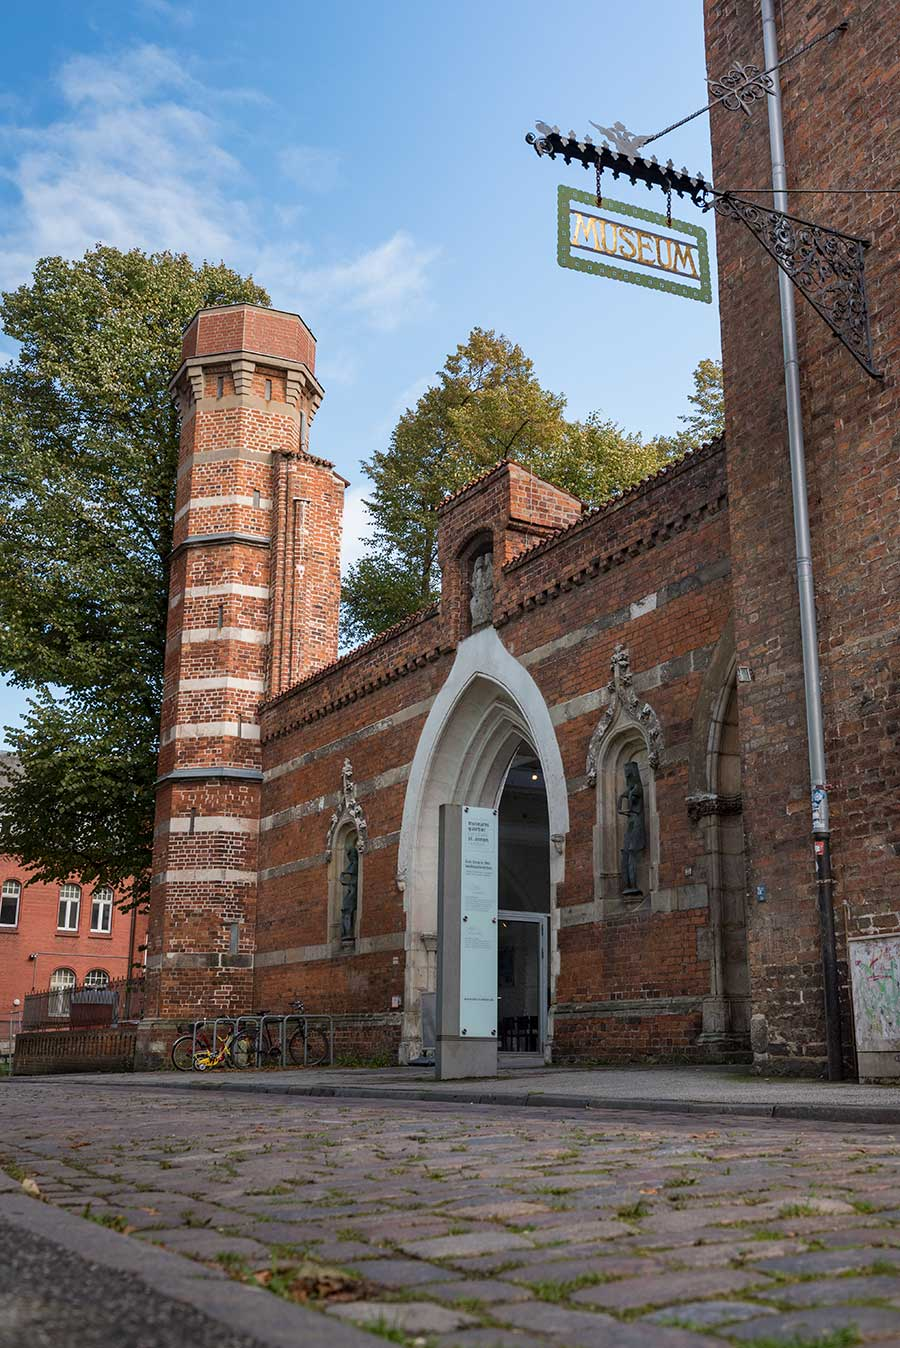 Das Museumsquartier St. Annen